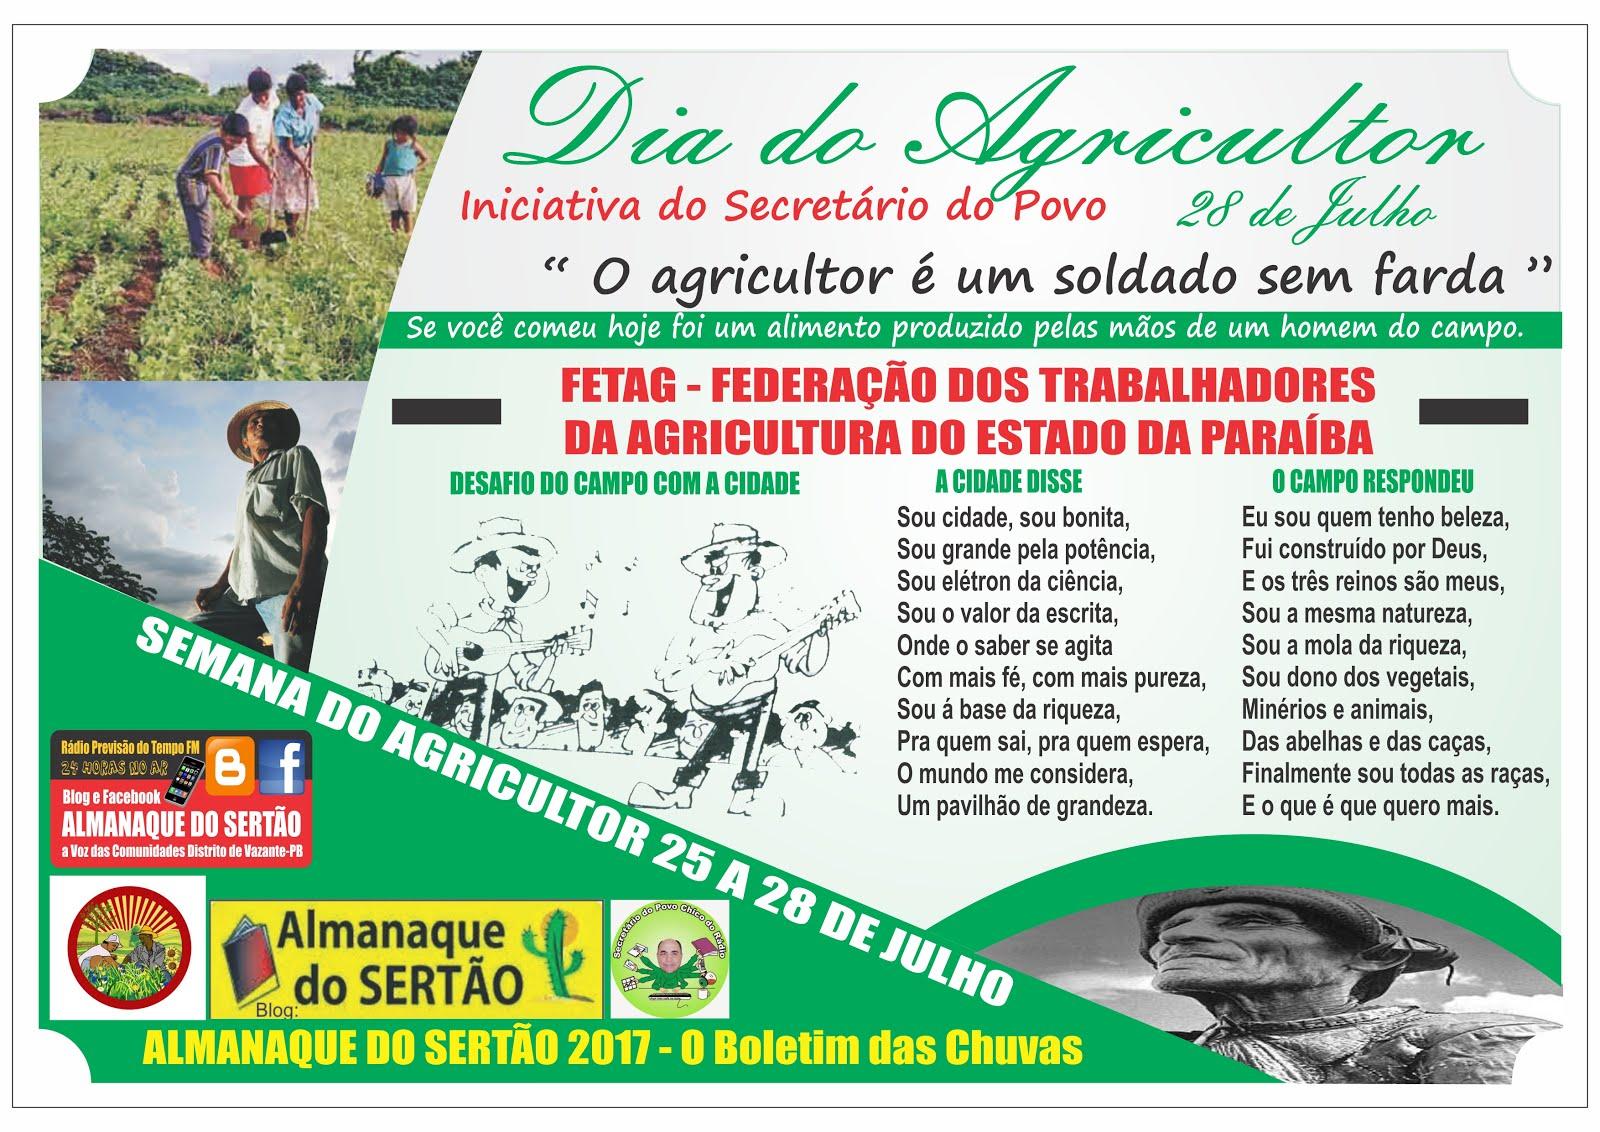 VALORIZA  O SEU SINDICATO DOS TRABALHADORES RURAIS  PORQUE  É  A CASA DO AGRICULTOR